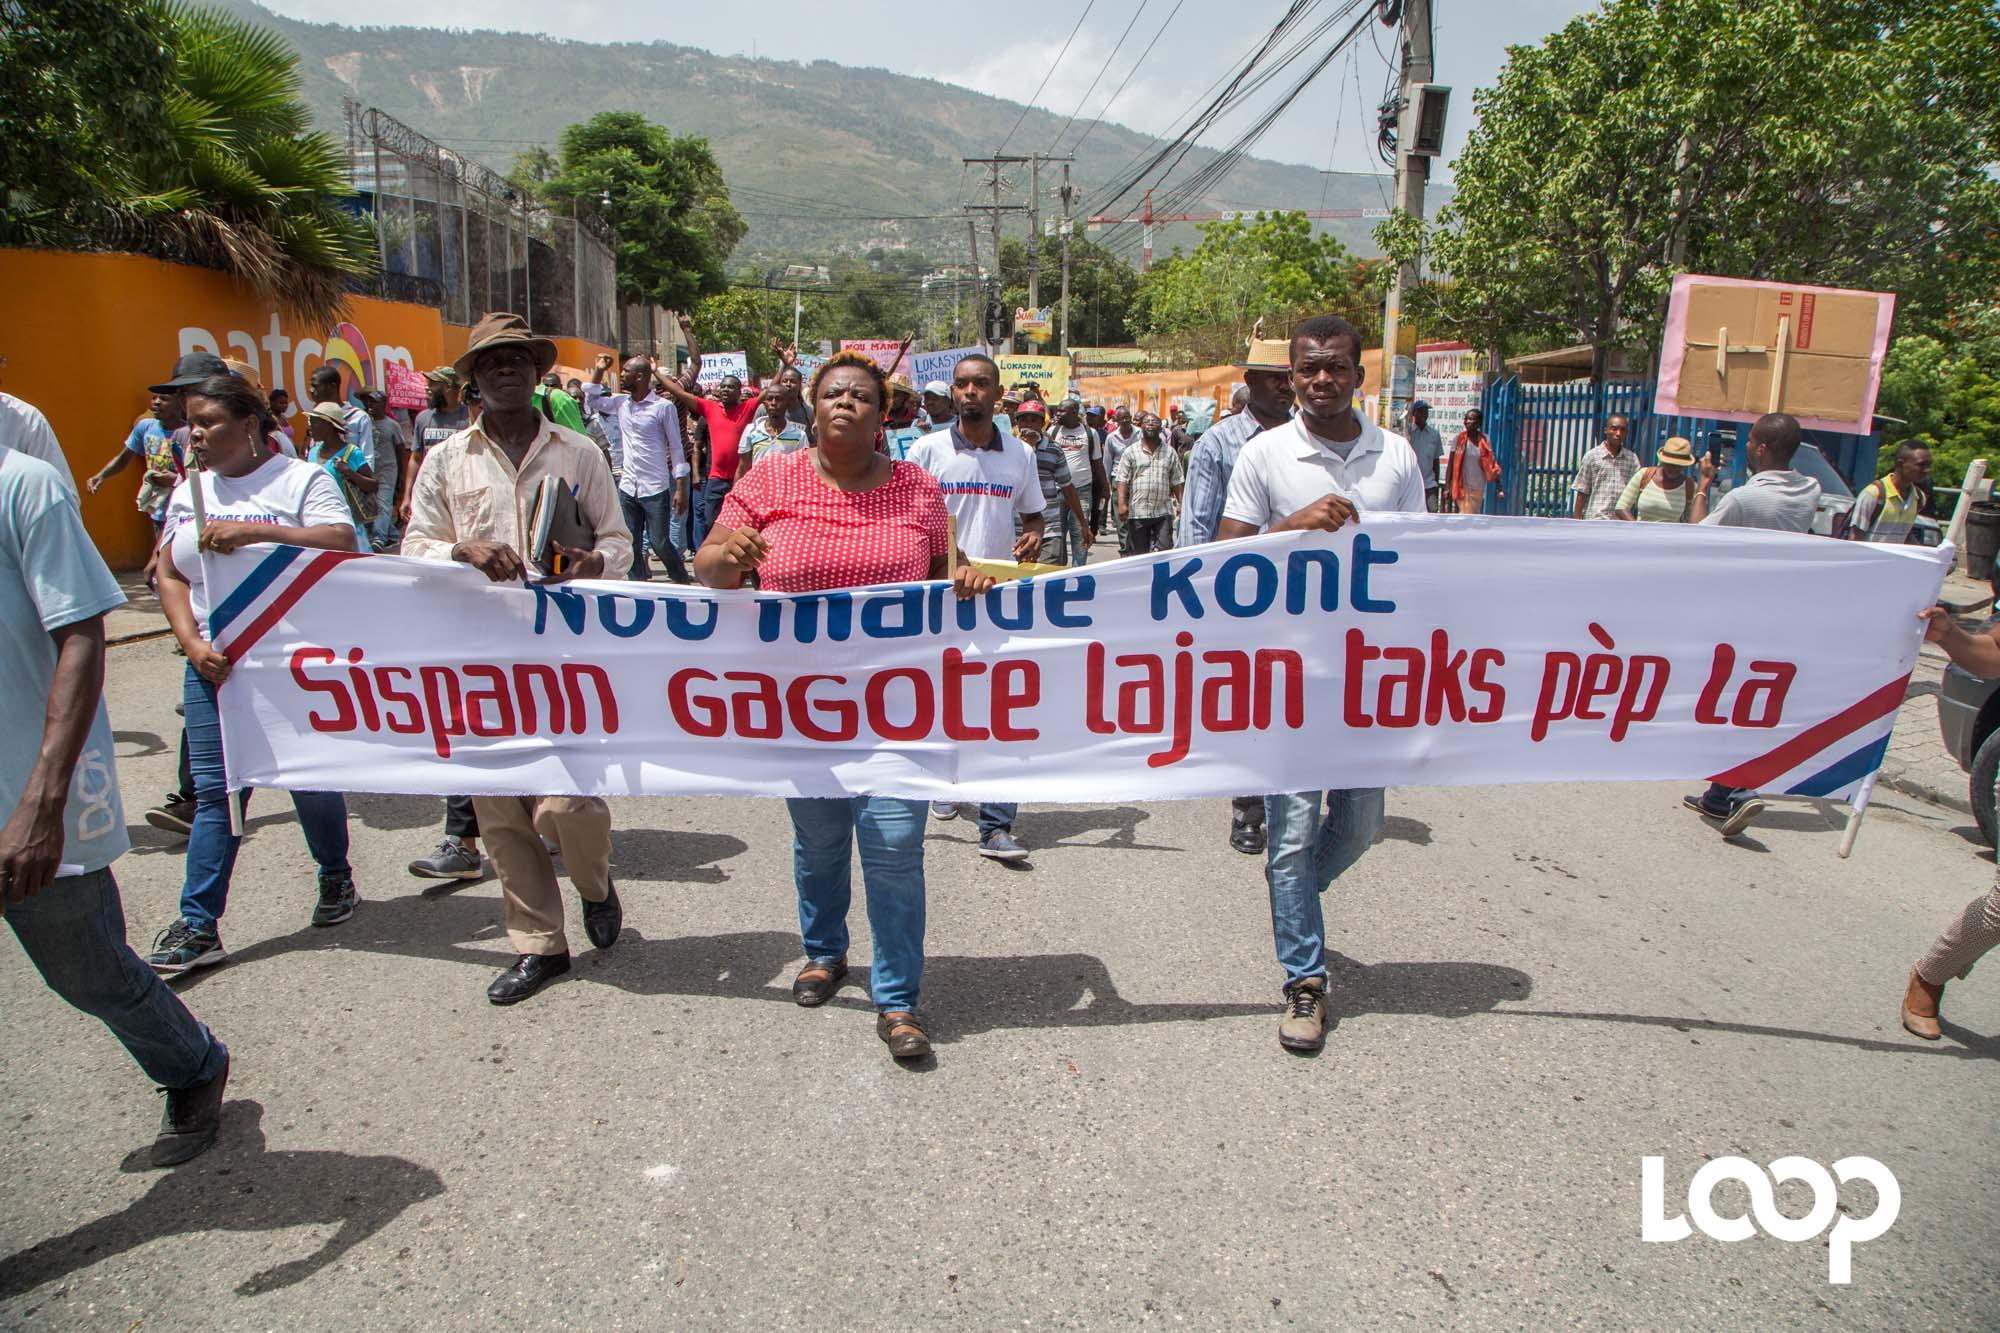 [VIDÉO]: Marche contre le gaspillage des fonds publics en Haïti. Photo: Loop Haïti